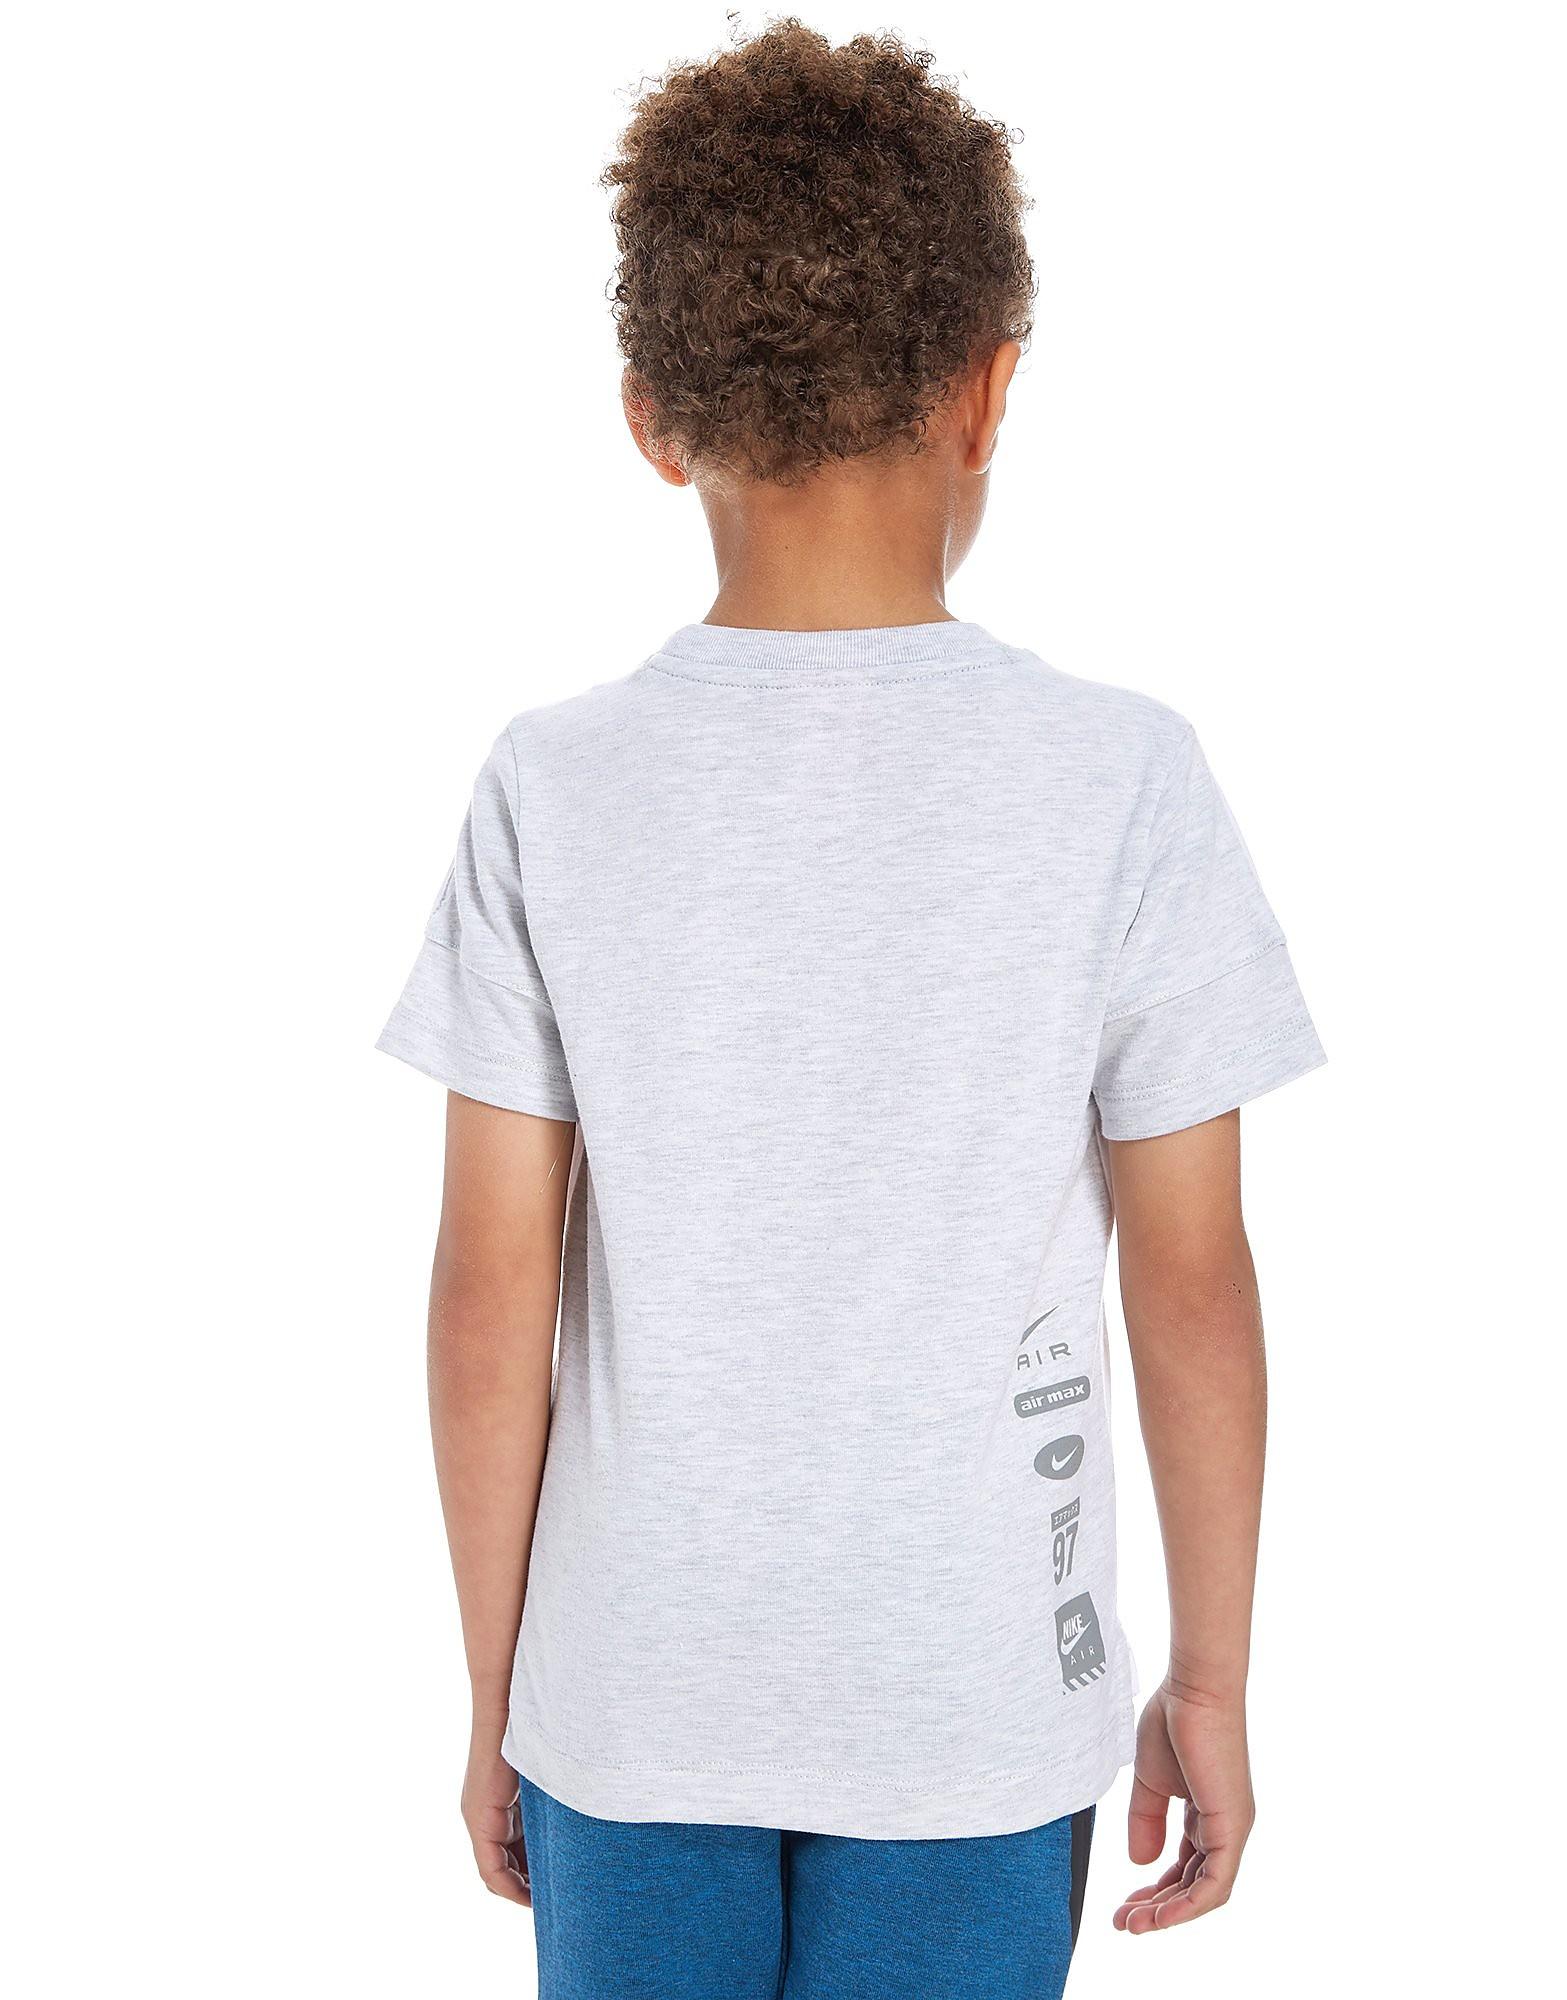 Nike camiseta Air infantil